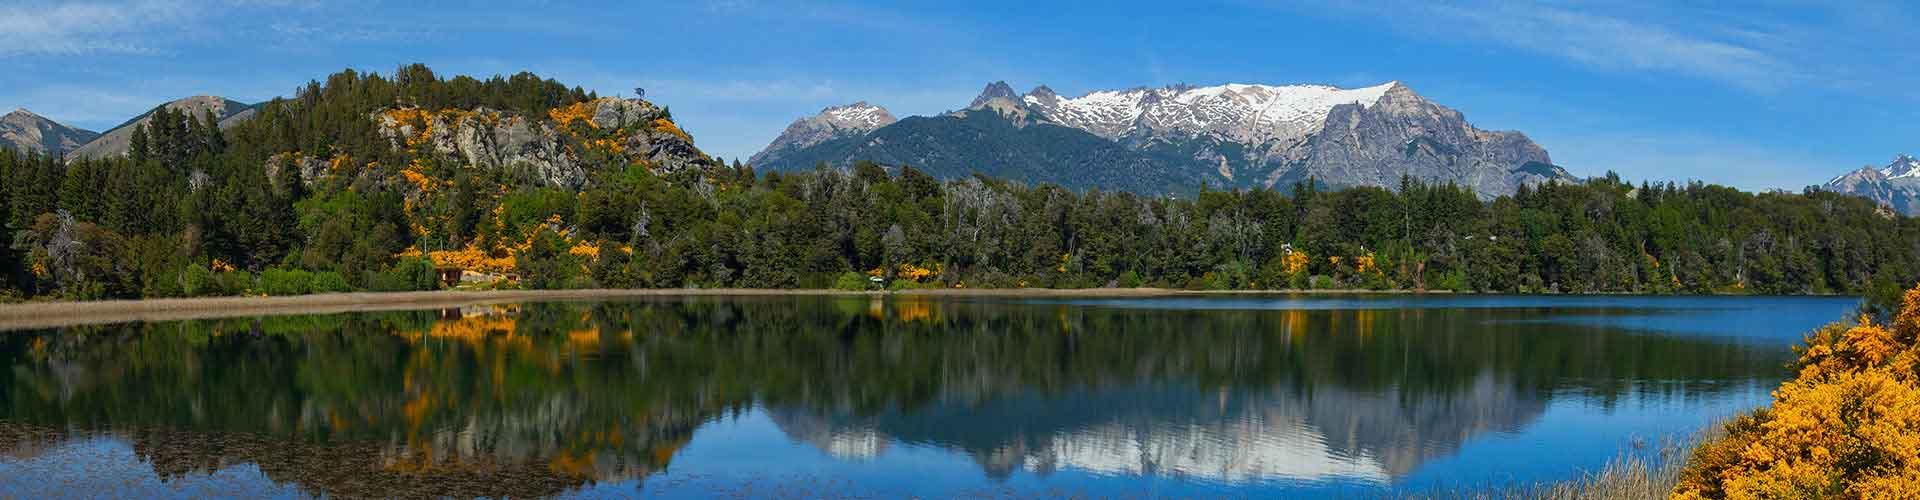 Bariloche - Jugendherbergen in Bariloche. Karten für Bariloche. Fotos und Bewertungen für jede Jugendherberge in Bariloche.